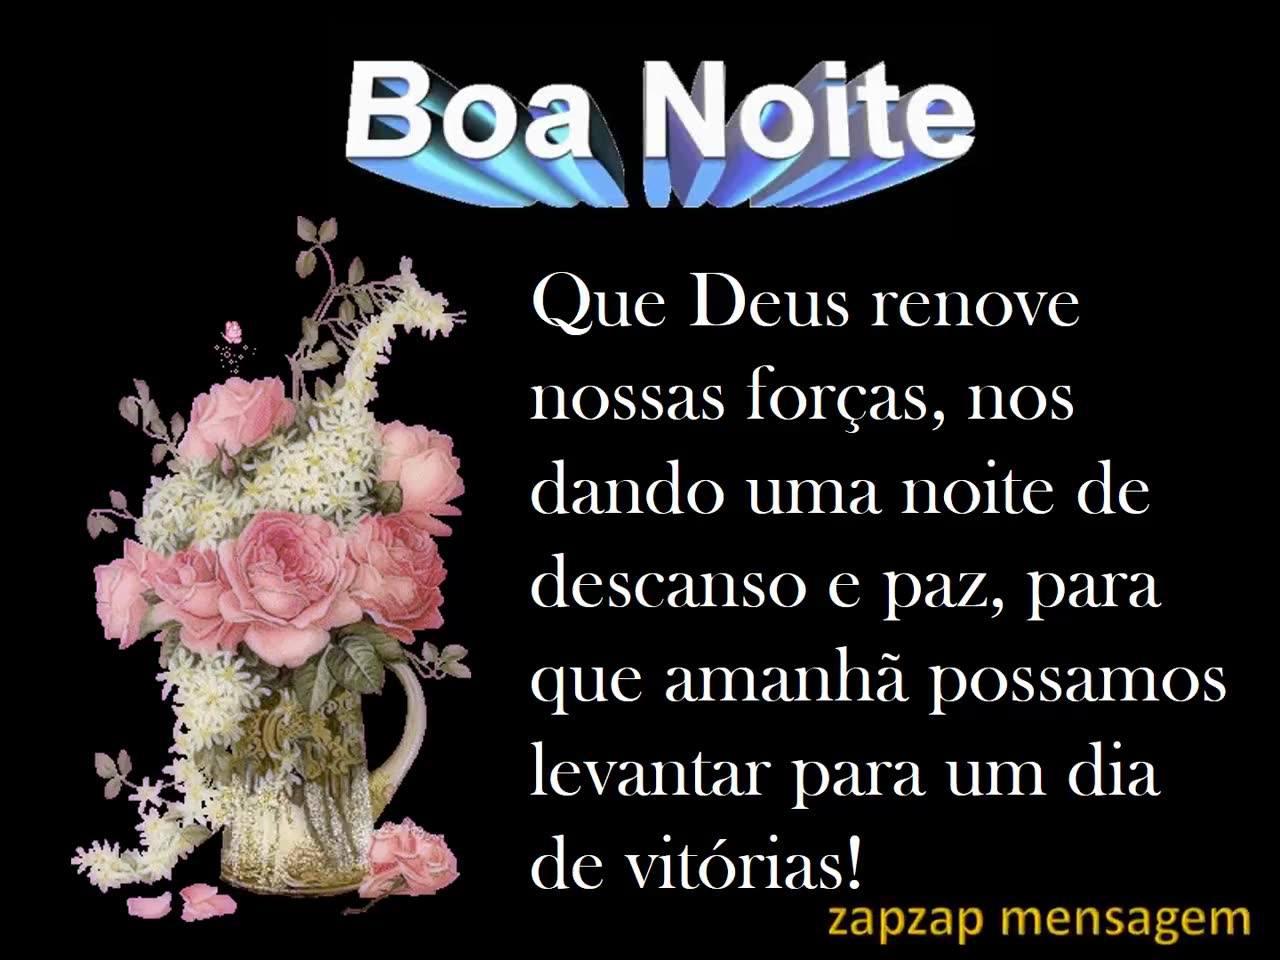 Imagens De Boa Noite Para Facebook: Mensagem De Boa Noite Para Facebook, Para Uma Noite Cheia